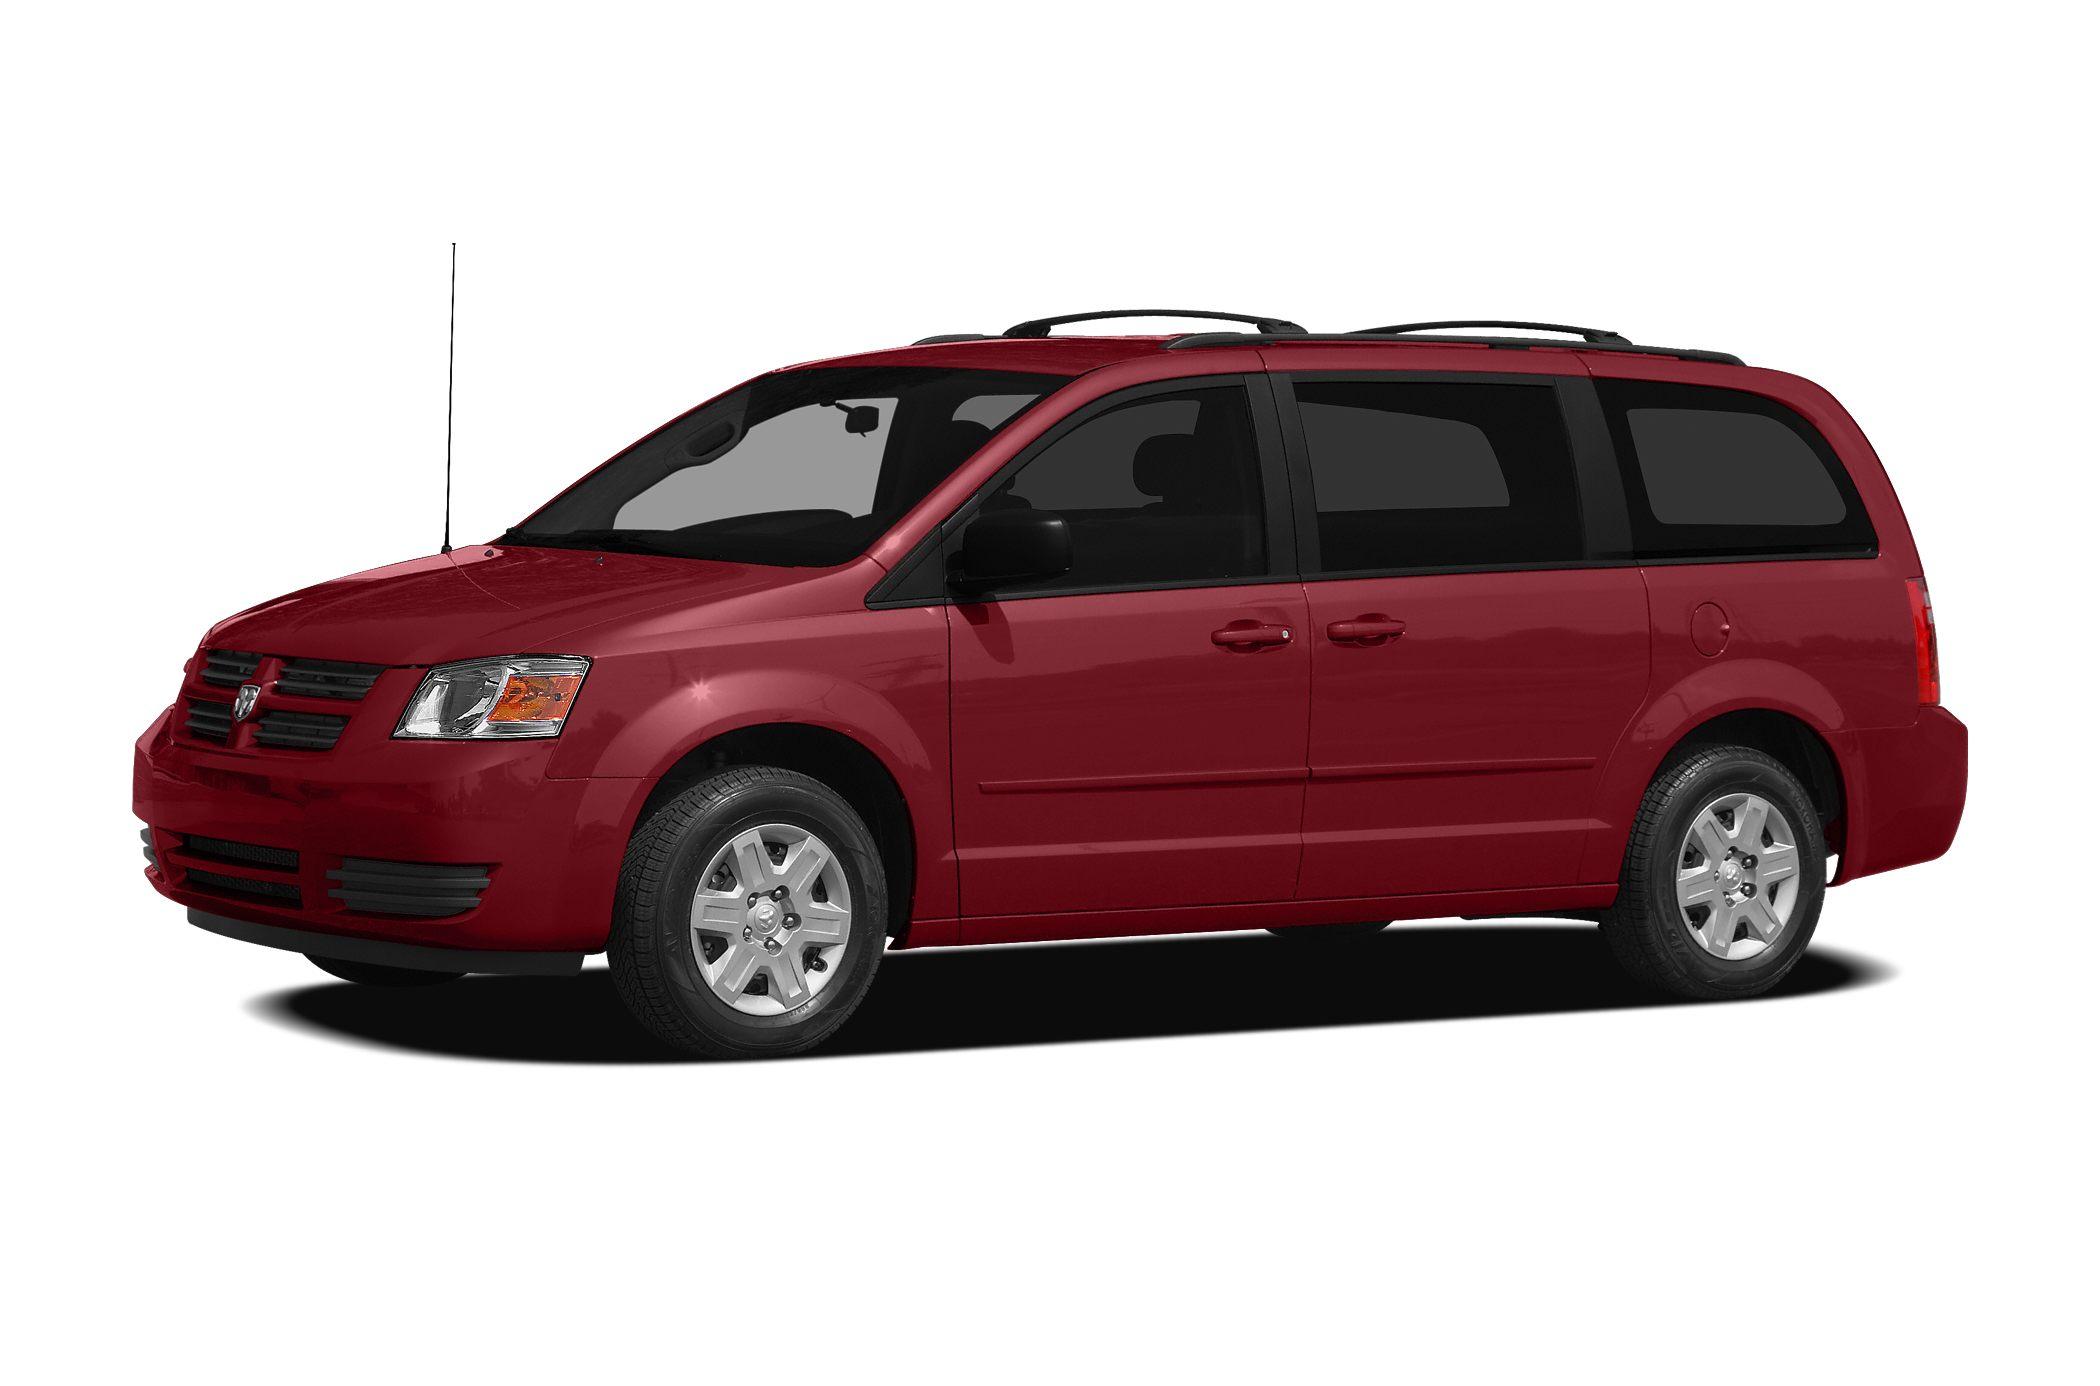 2010 Dodge Grand Caravan Information Overhead Door Wiring Diagram Model Sdb 101